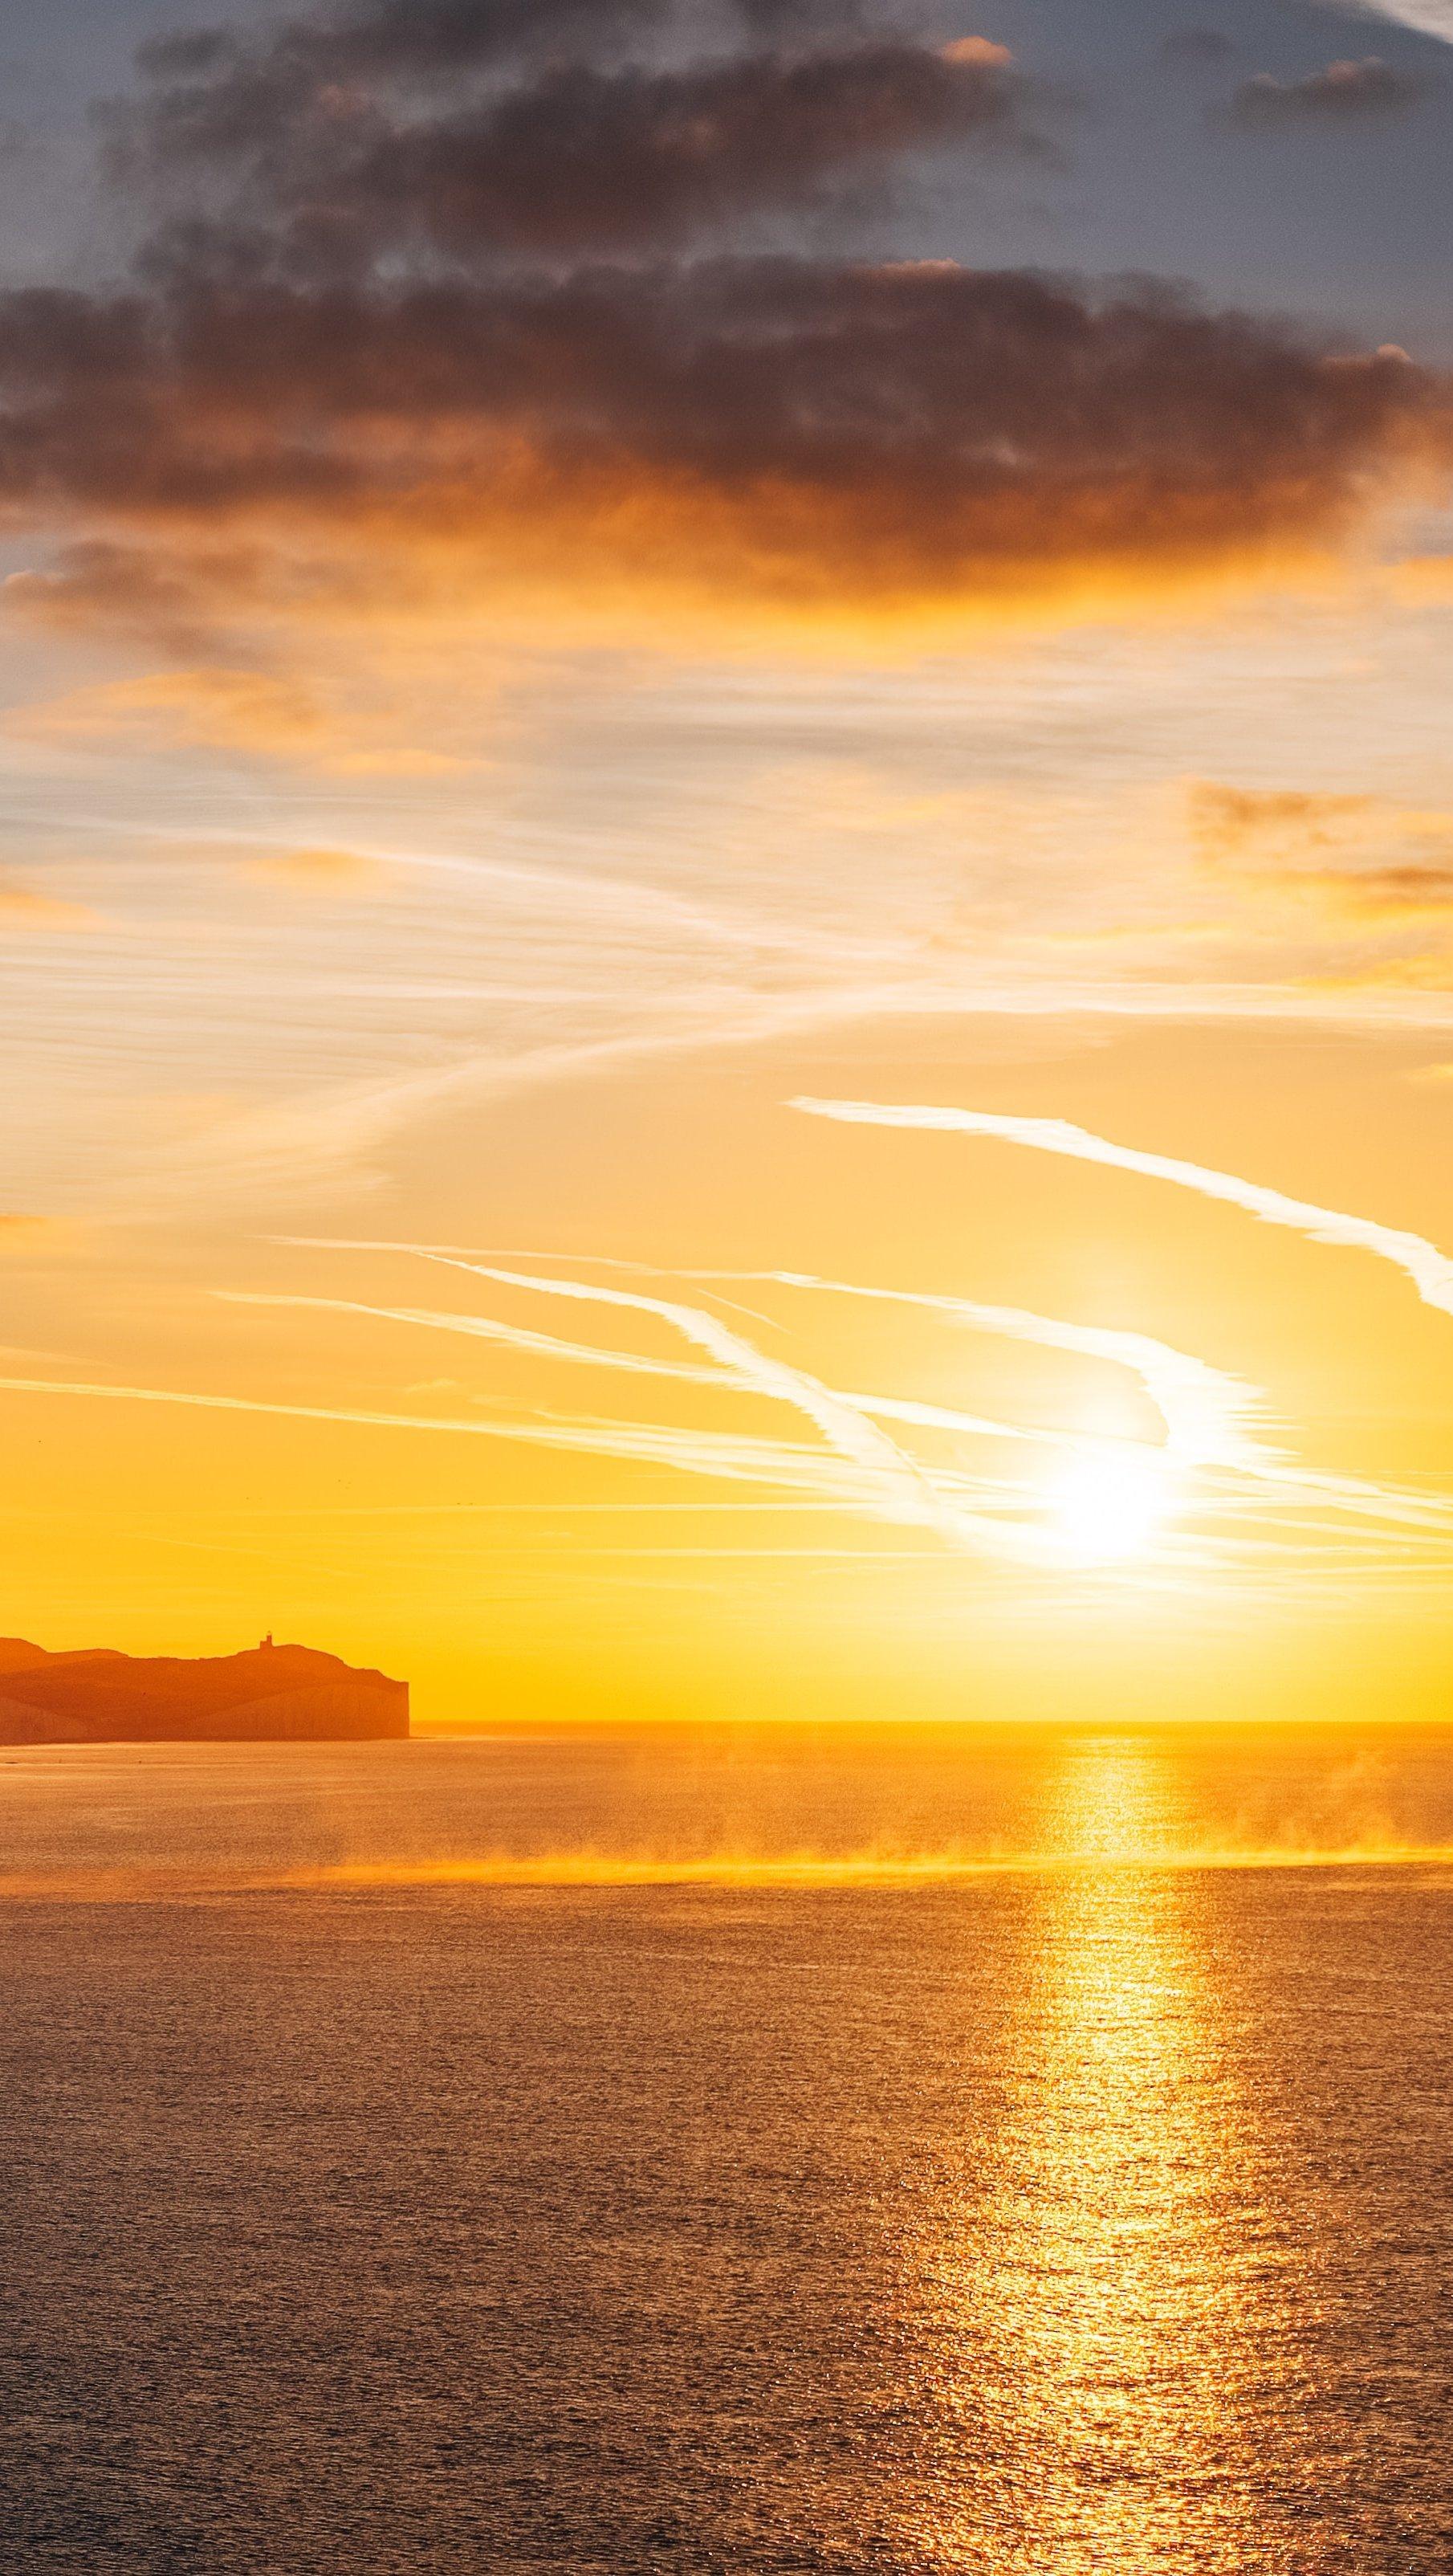 Fondos de pantalla Atardecer dorado en el mar Vertical